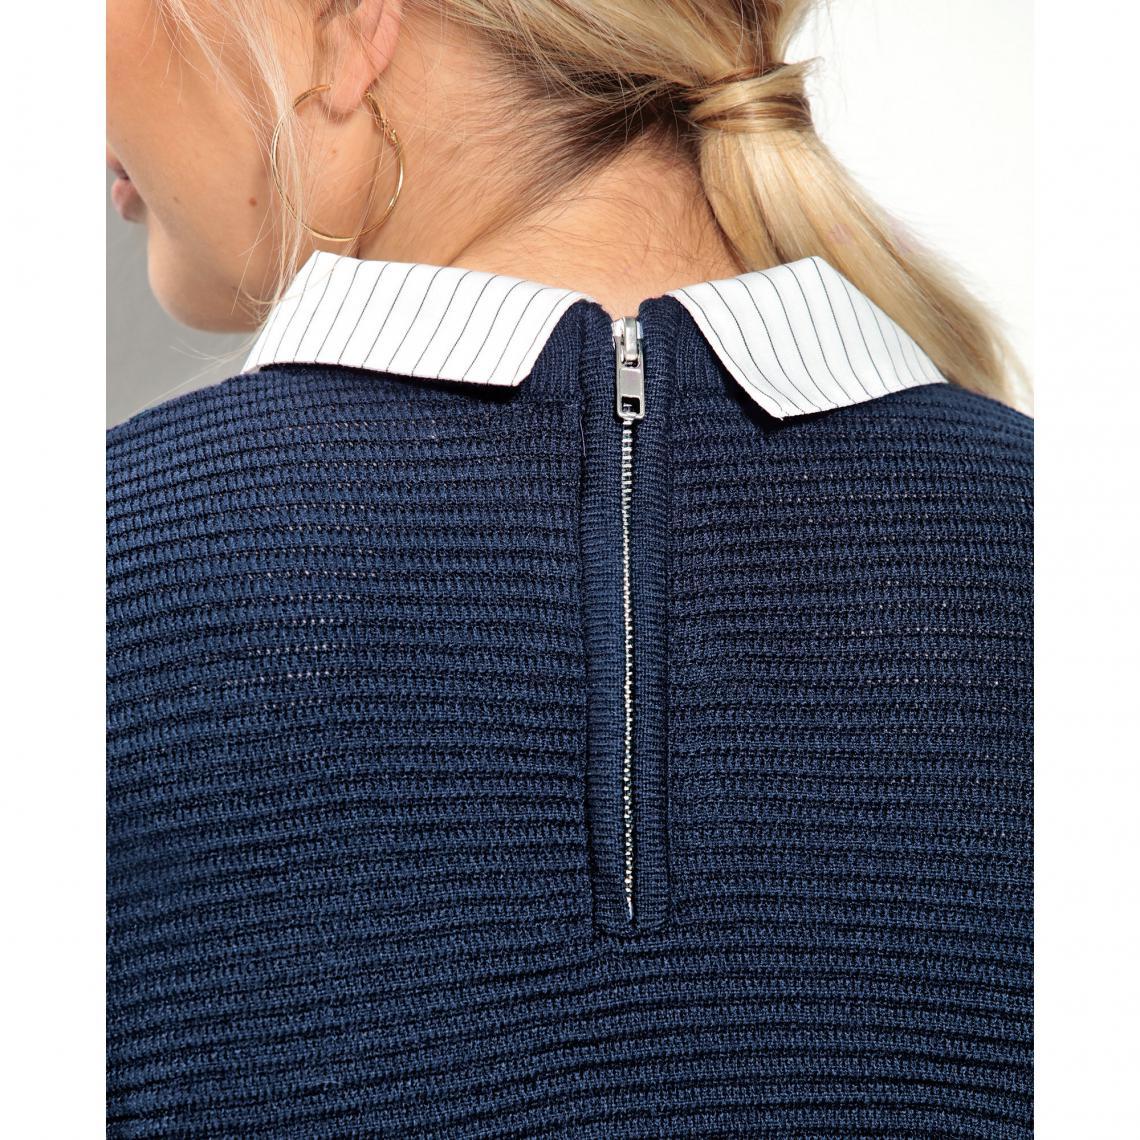 b44af2deefbc9 Pull effet 2 en 1 de chemise rayée grandes tailles femme - Bleu ...